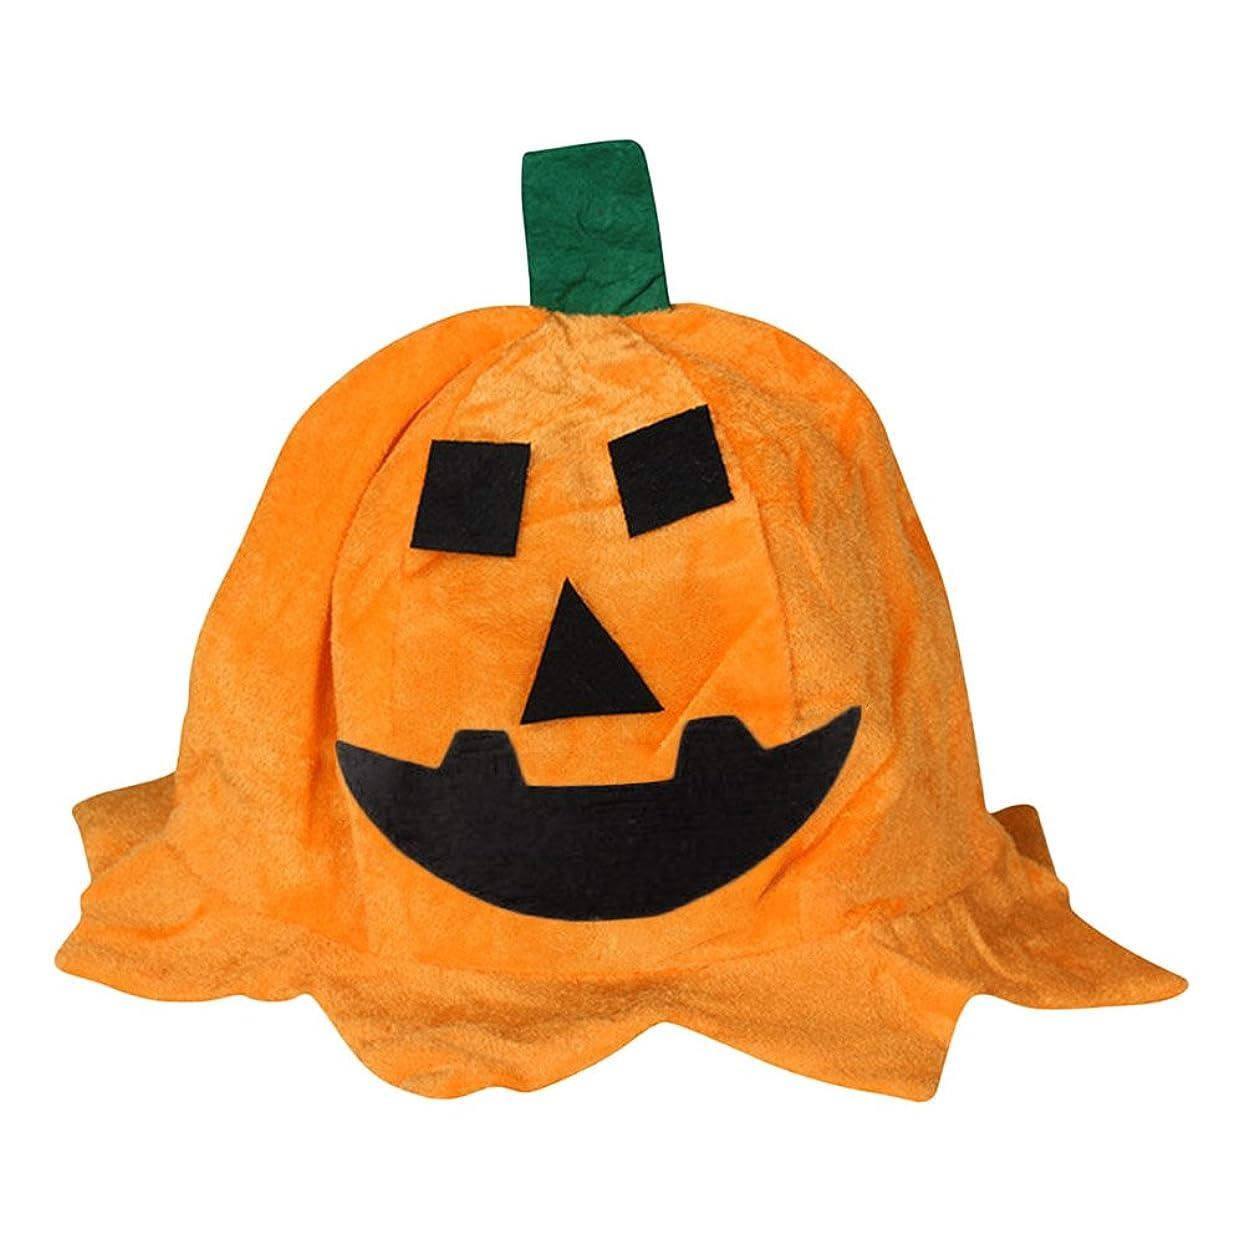 被害者ほんの惑星季節用品 パンプキンヘッド 面白い ハロウィンパーティー装飾 小道具 オレンジ色 布のパンプキンハット 帽子 スクエアアイ